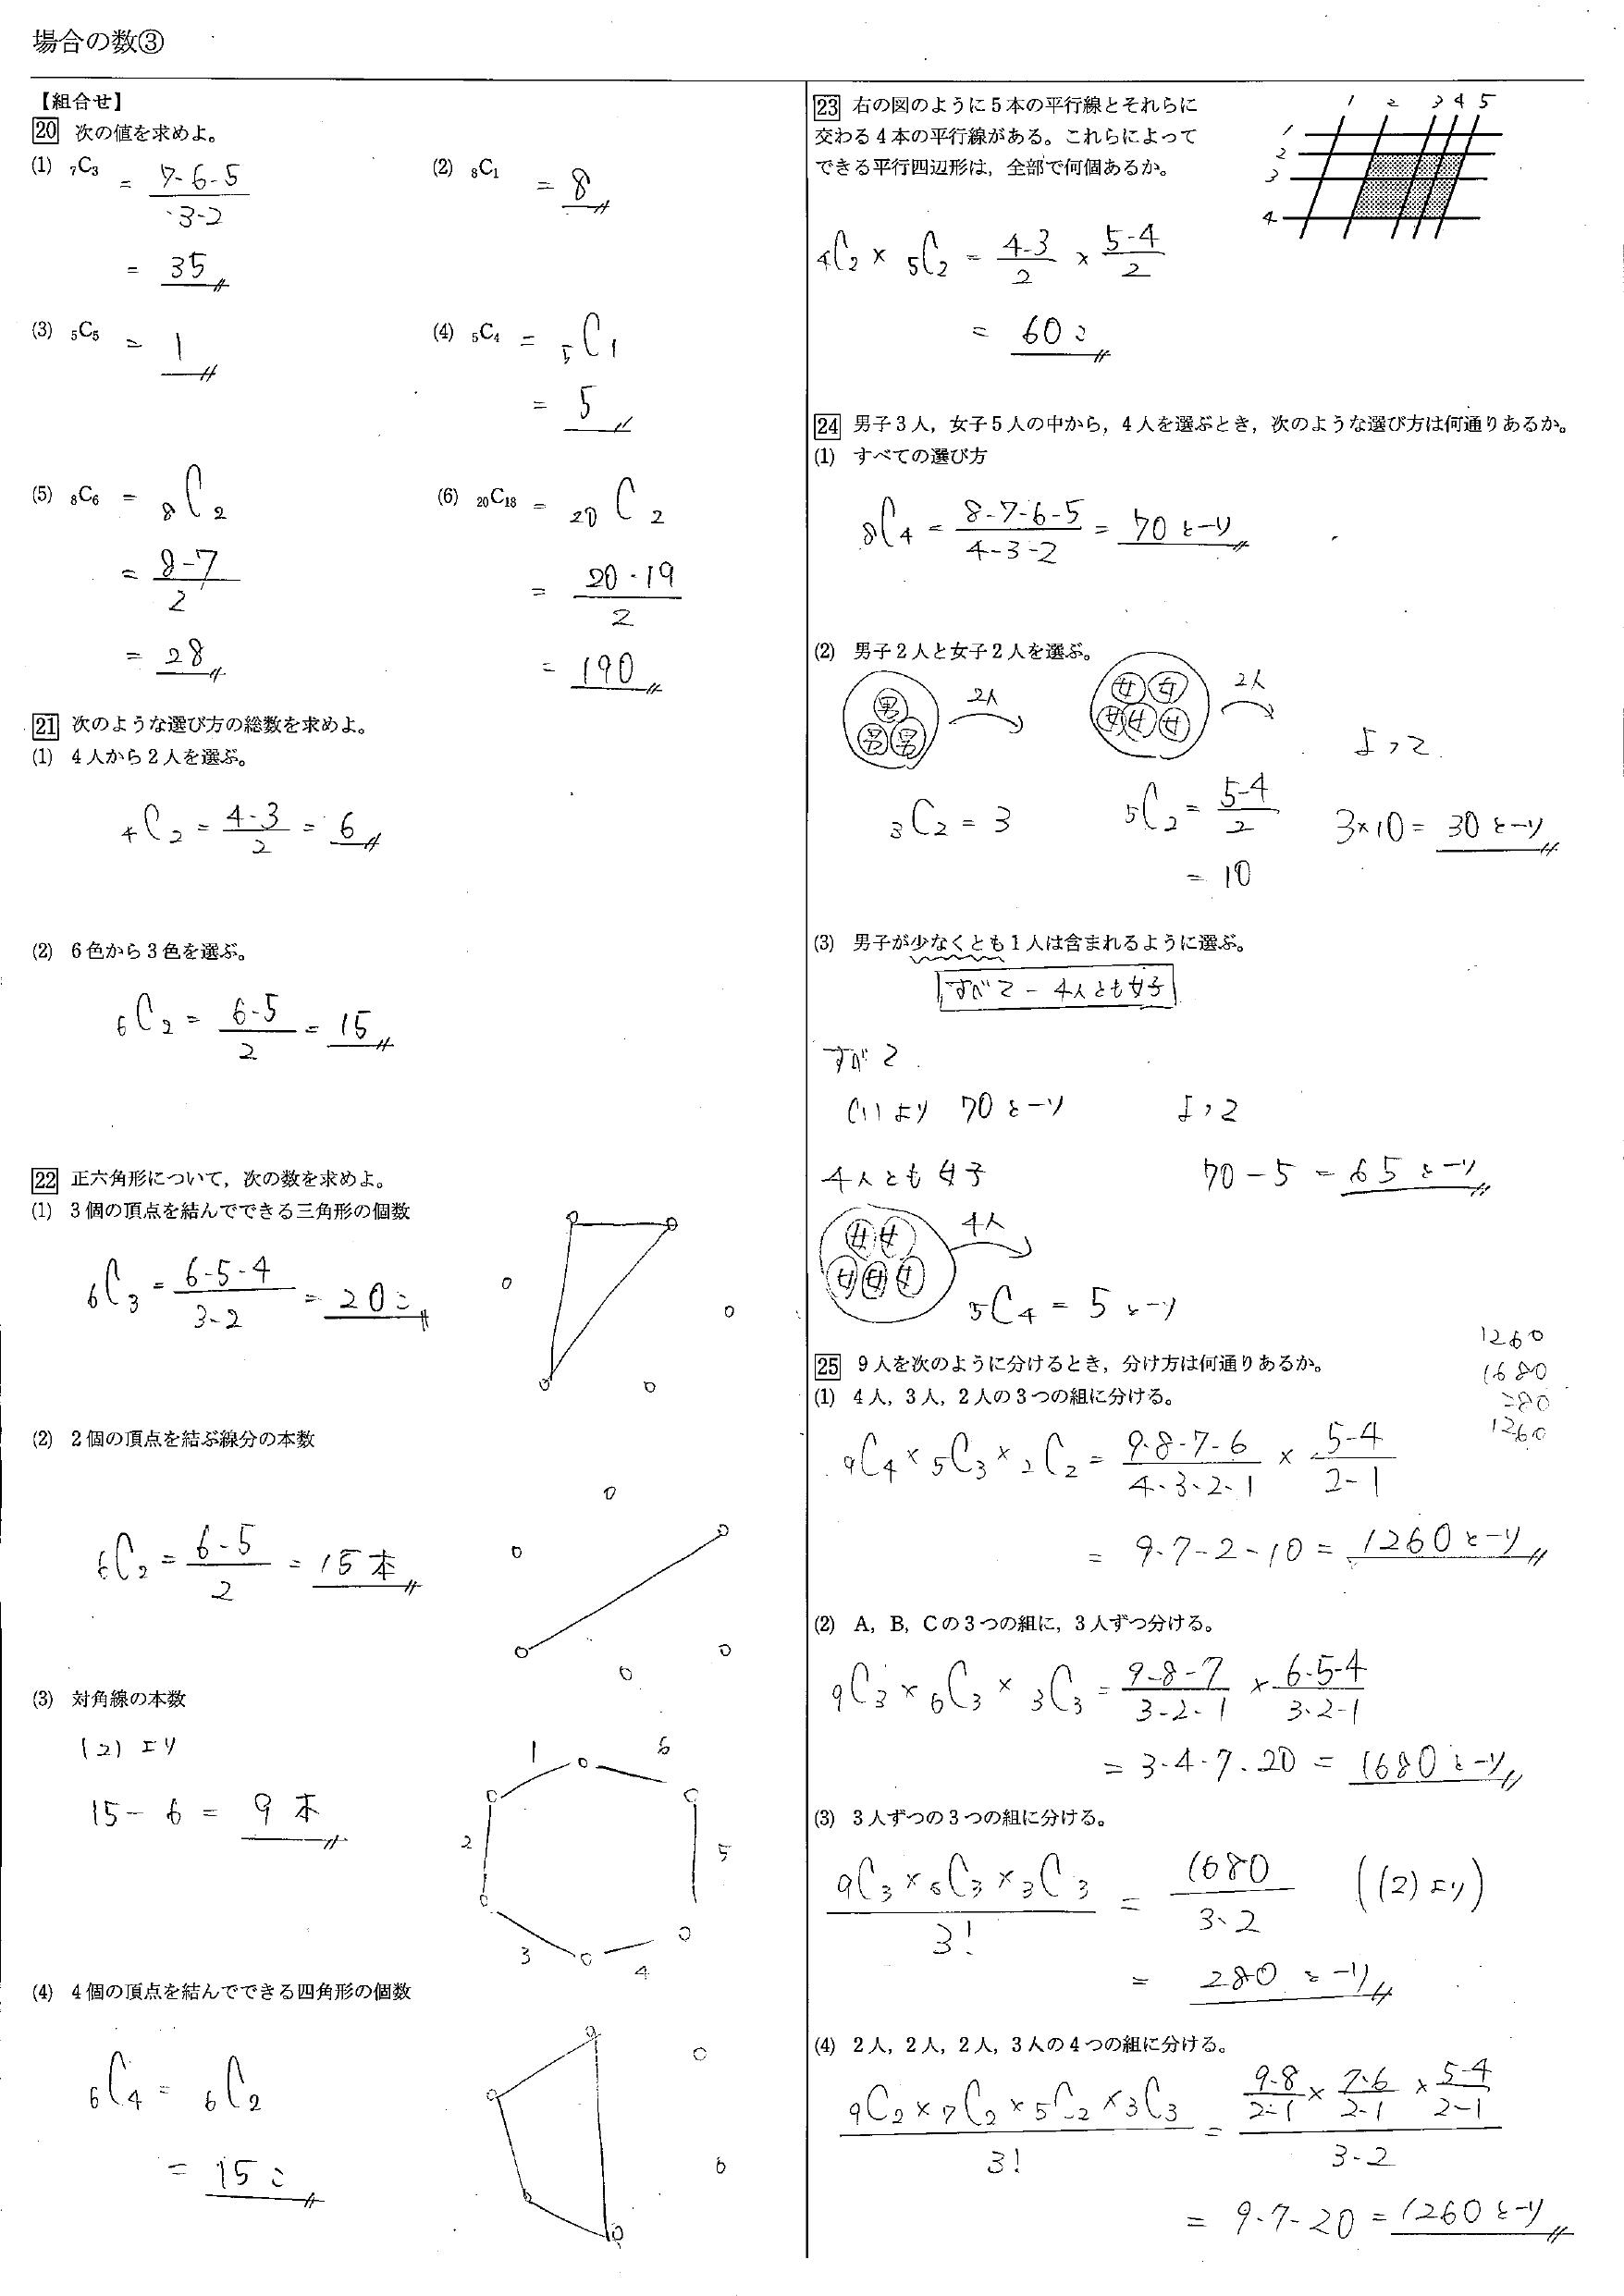 場合の数 教科書 問題 解答 まとめ 一覧